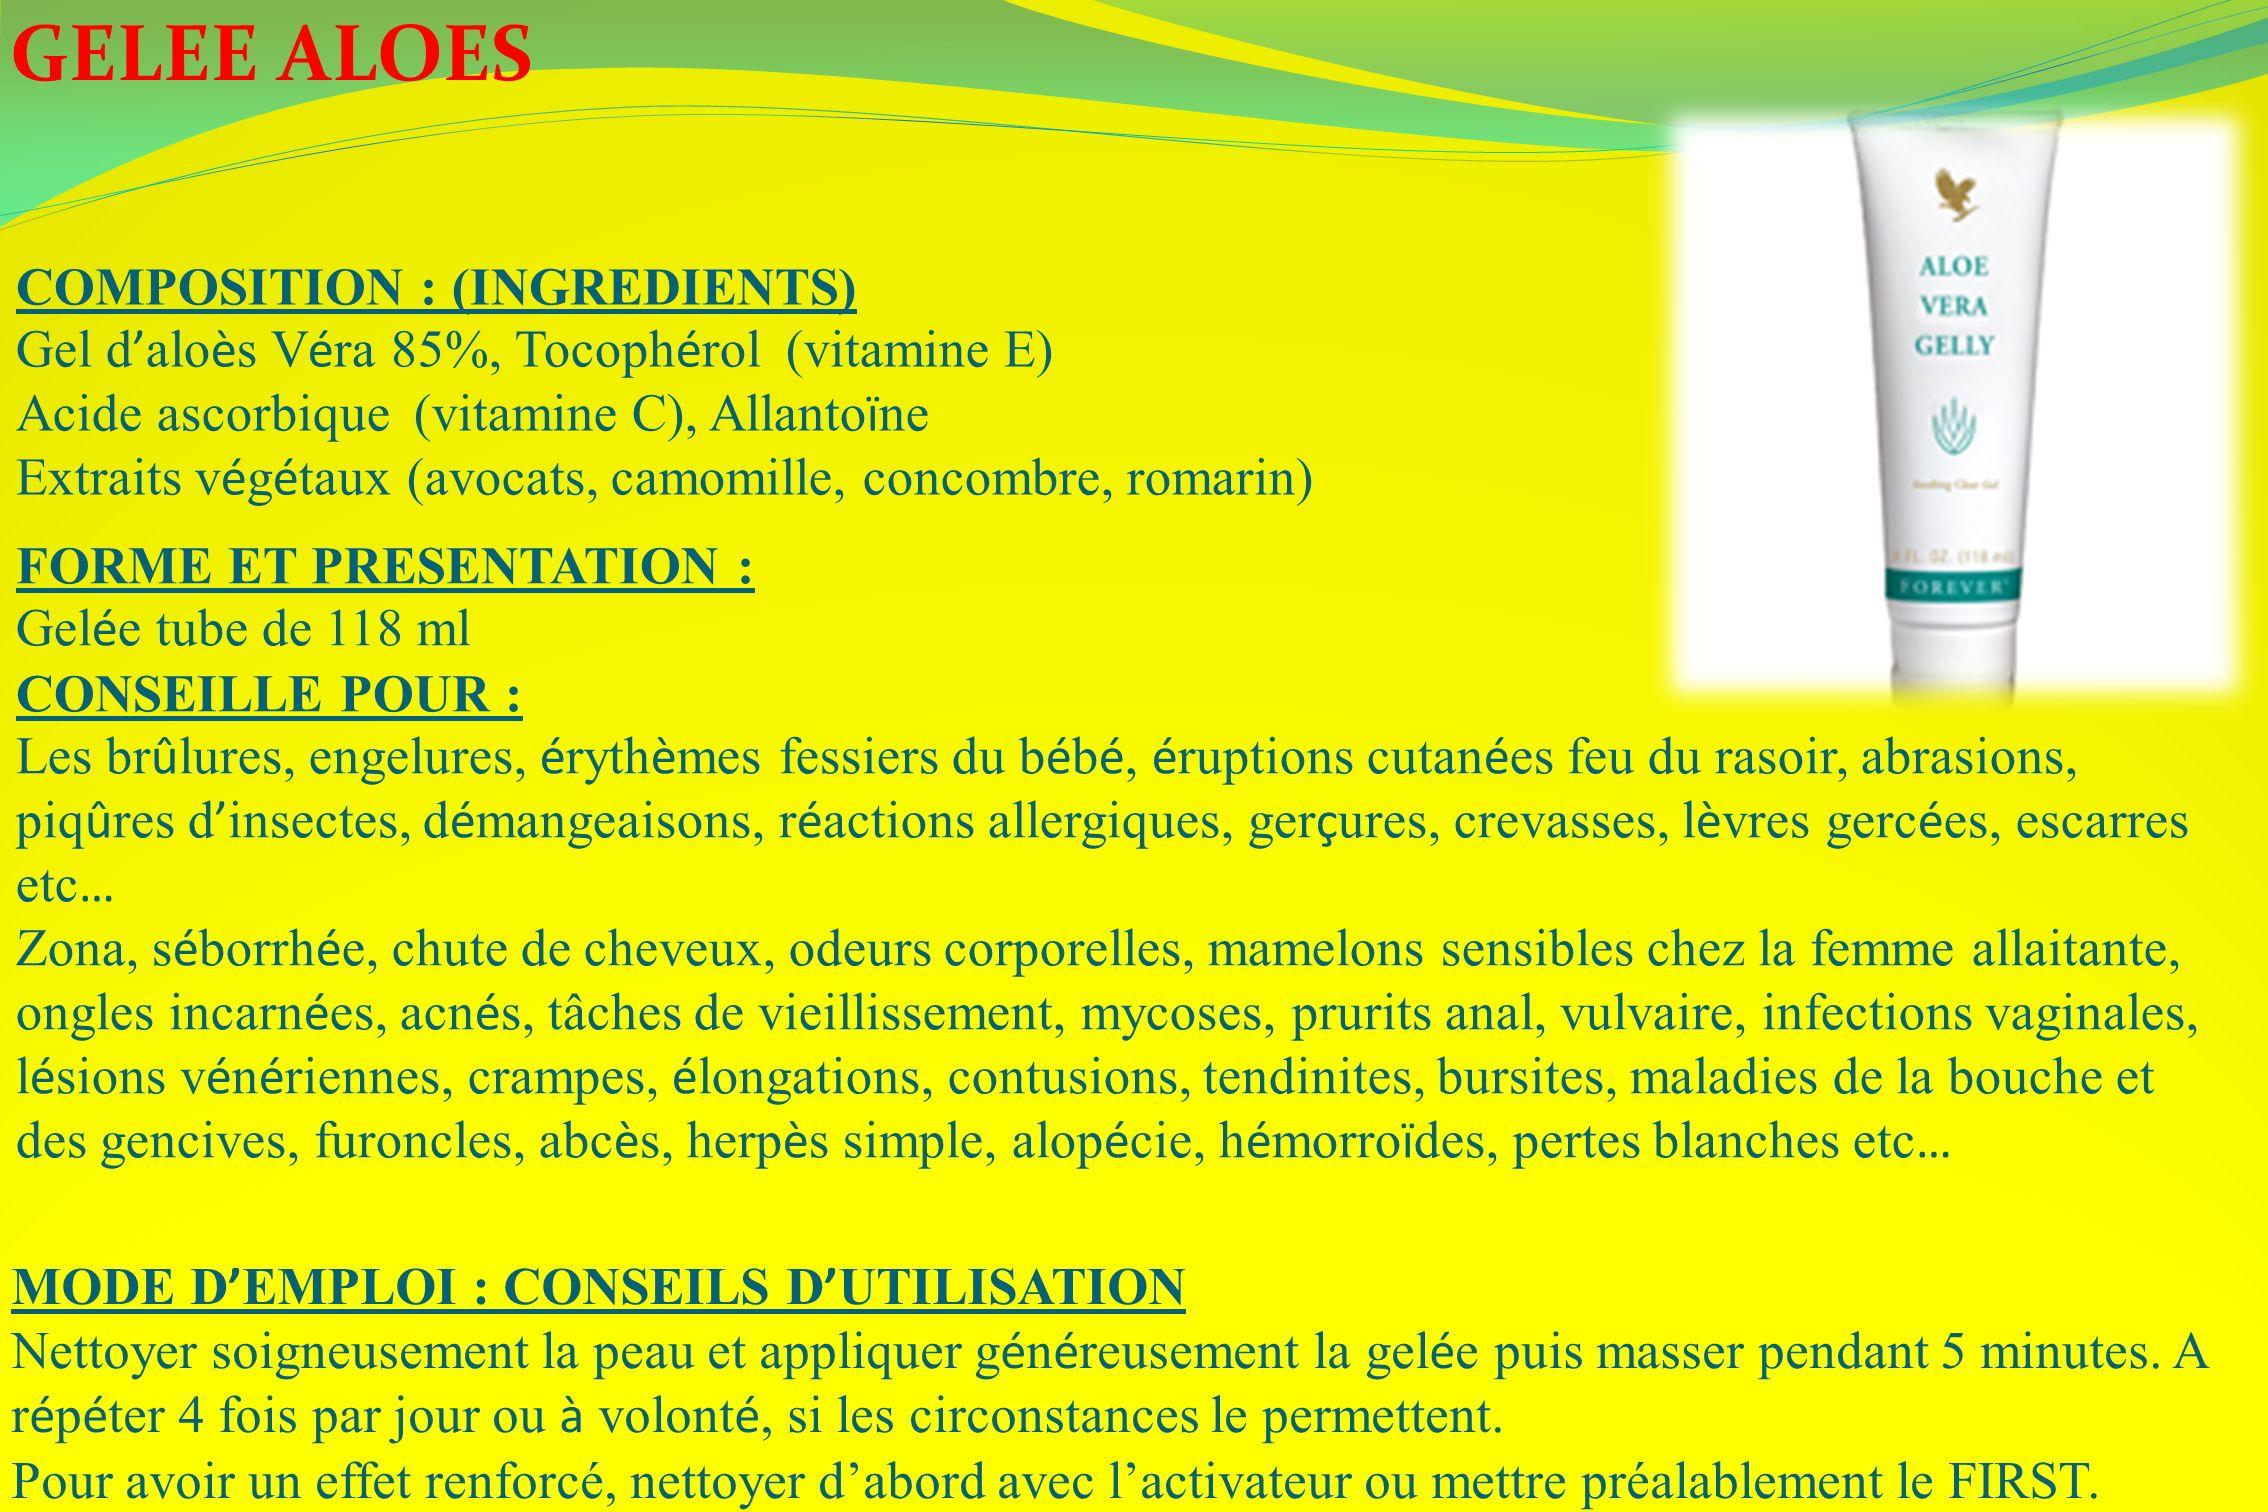 GELEE ALOES COMPOSITION : (INGREDIENTS) Gel d alo è s V é ra 85%, Tocoph é rol (vitamine E) Acide ascorbique (vitamine C), Allanto ï ne Extraits v é g